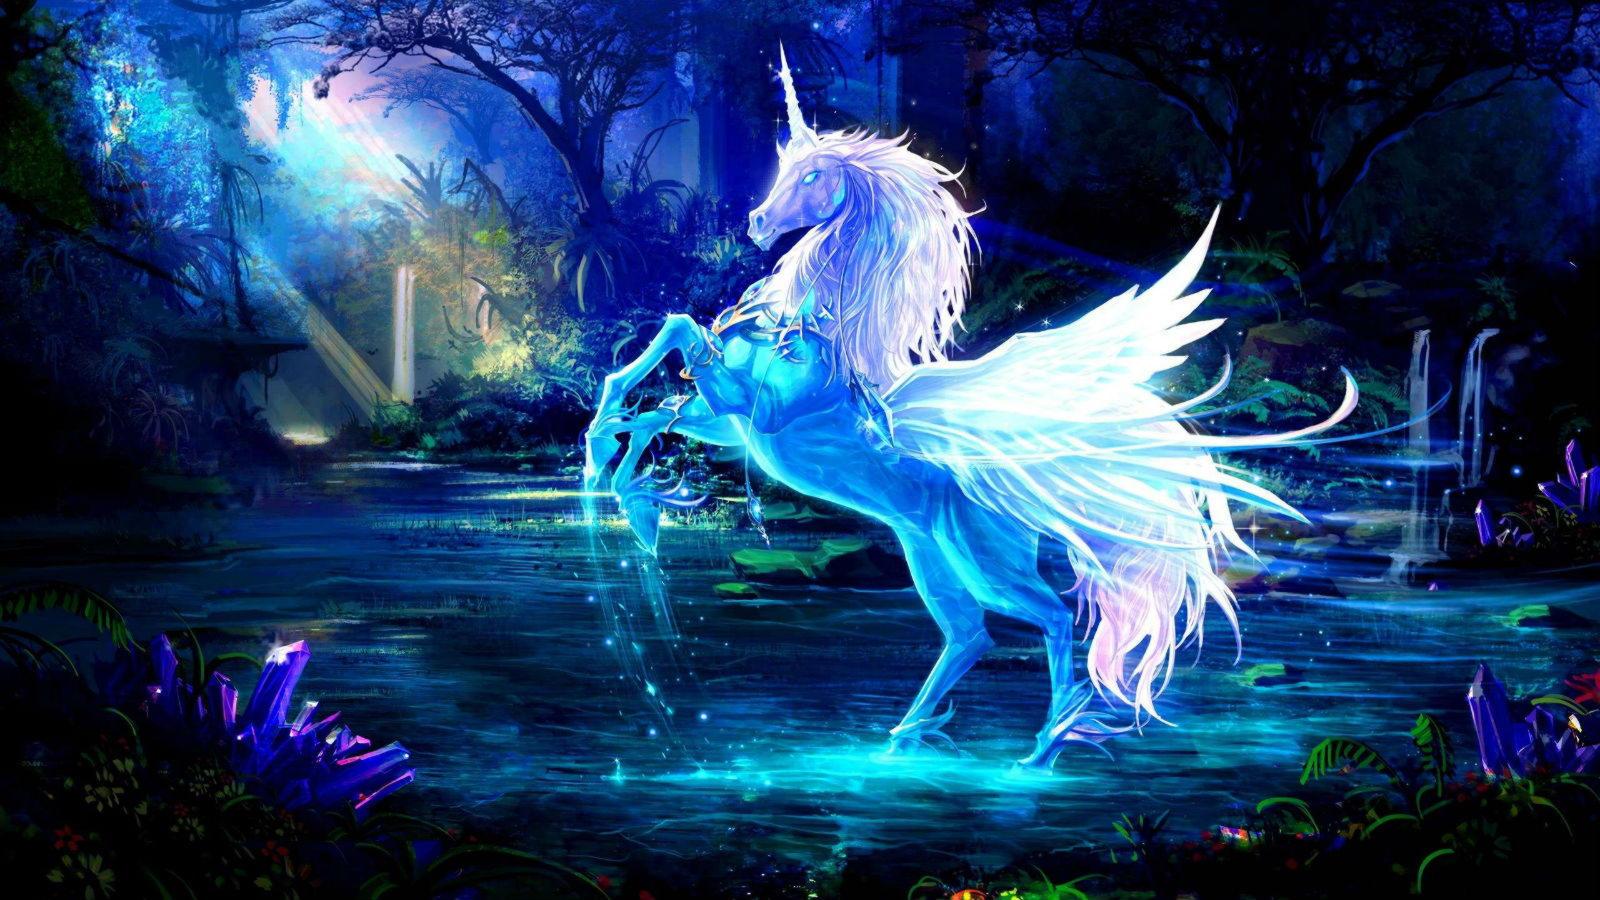 Пегас, греч. — крылатый конь, вылетевший из тела горгоны Медузы, когда ей отрубил голову Персей